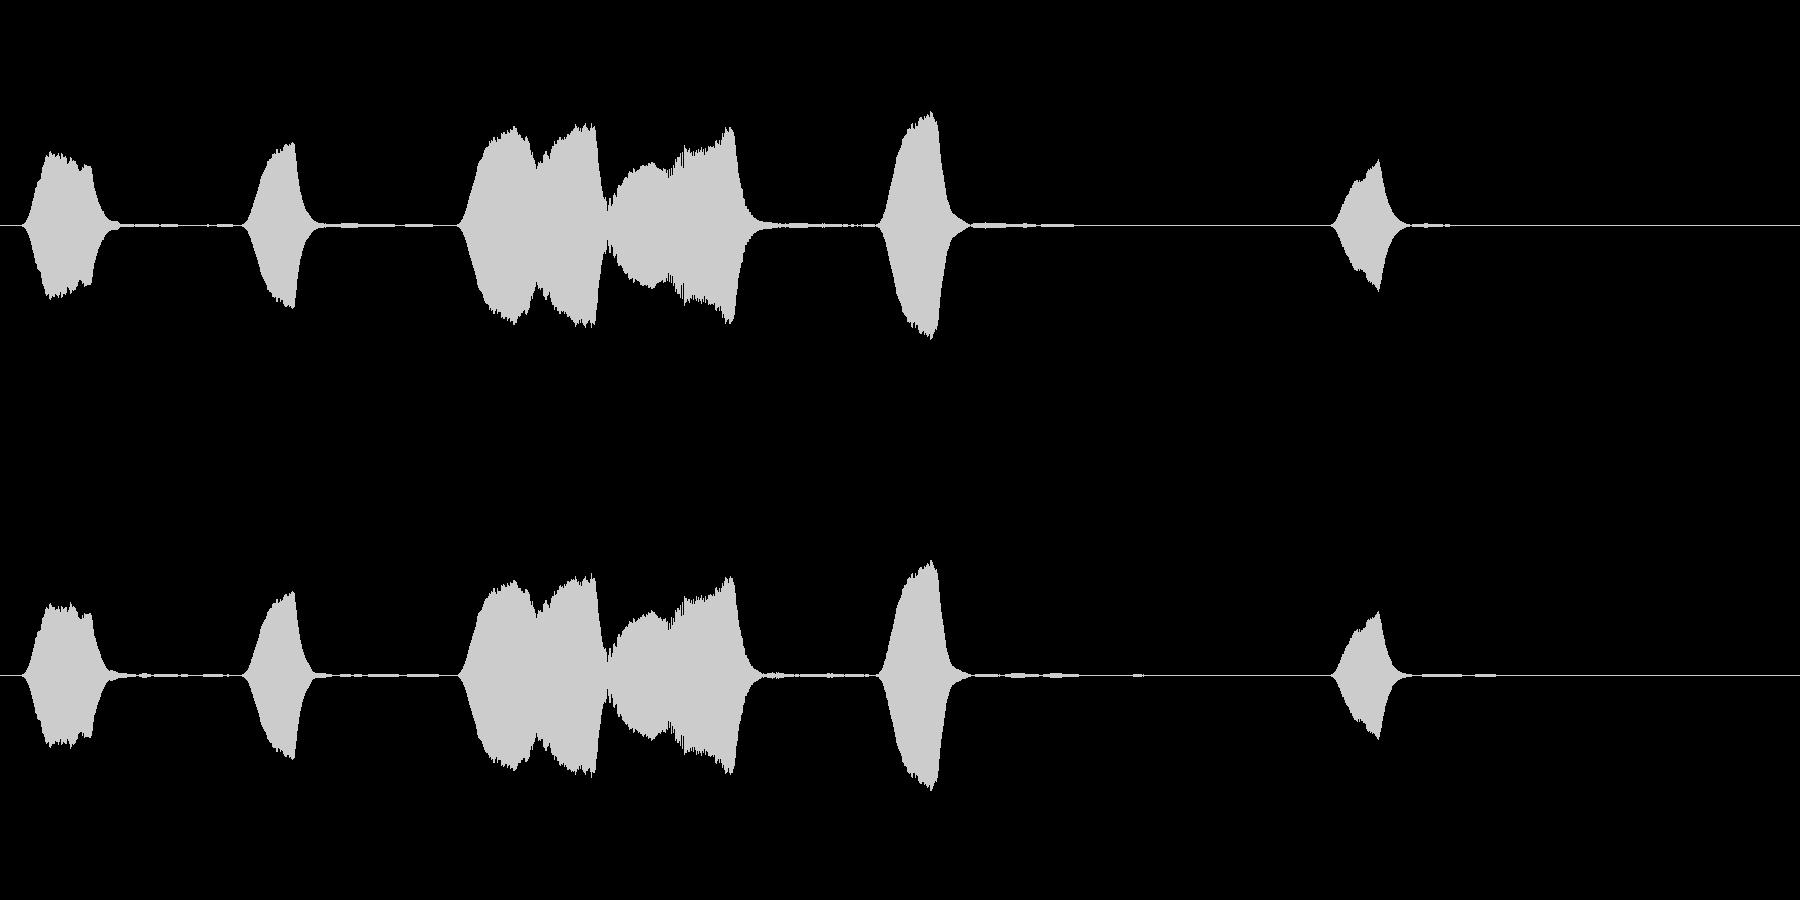 ジングル 口笛 ほのぼの のんびりの未再生の波形